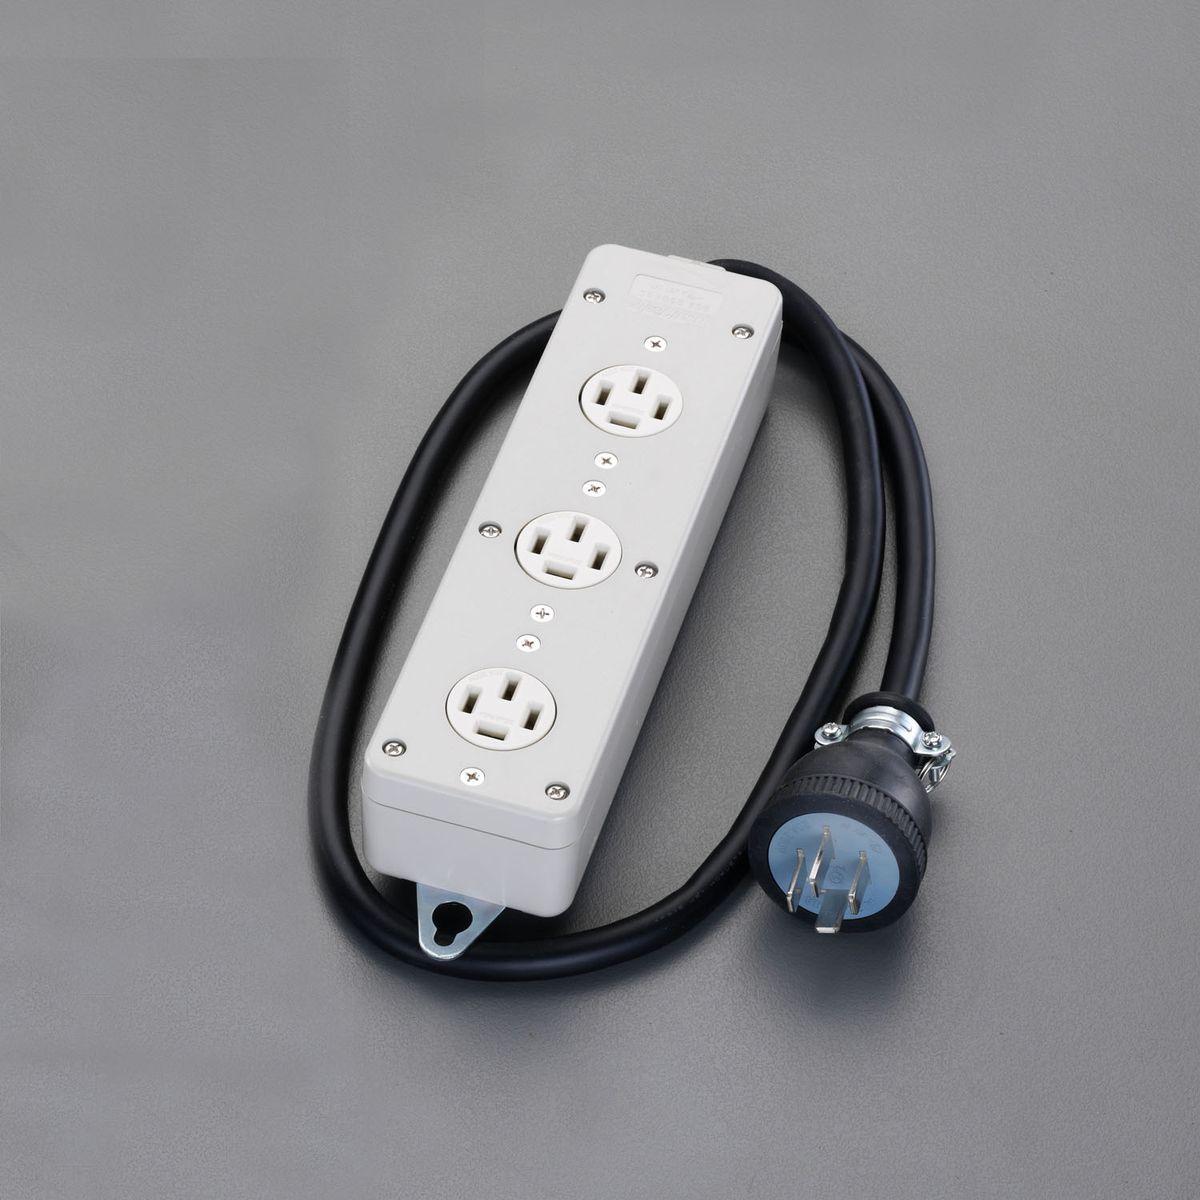 【メーカー在庫あり】 エスコ ESCO AC250V/20Ax1.0m 三相タップ 正転3口/接地3 000012054239 HD店